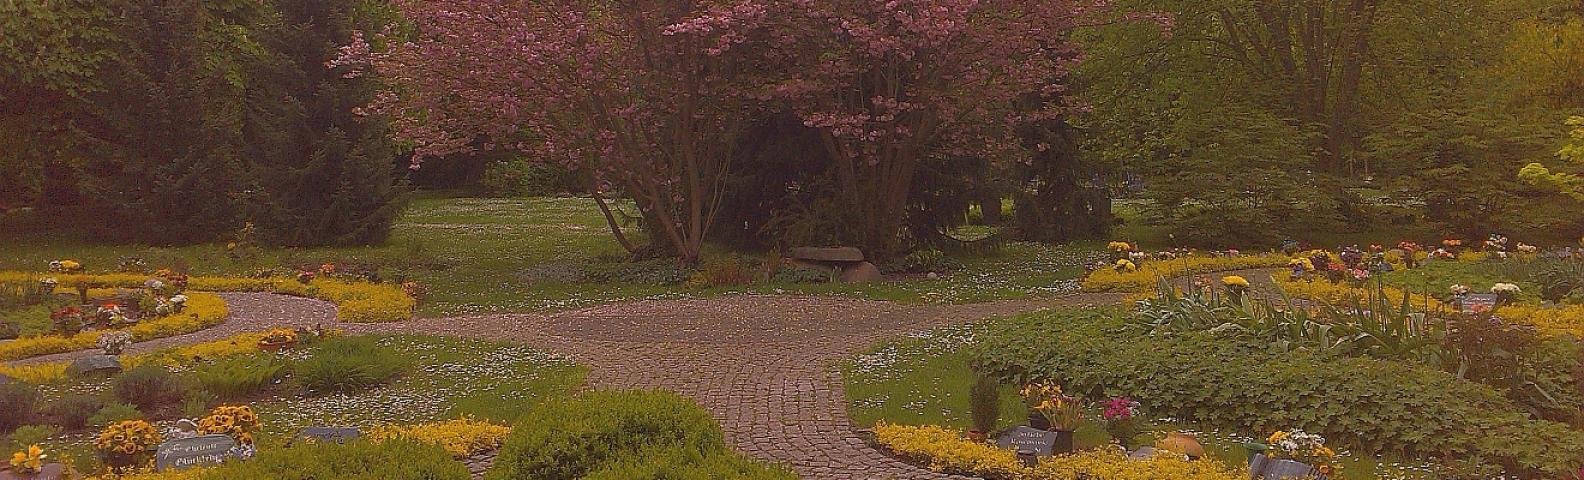 Friedhofsgärtnerei Halkier, Inh. Michael Halkier